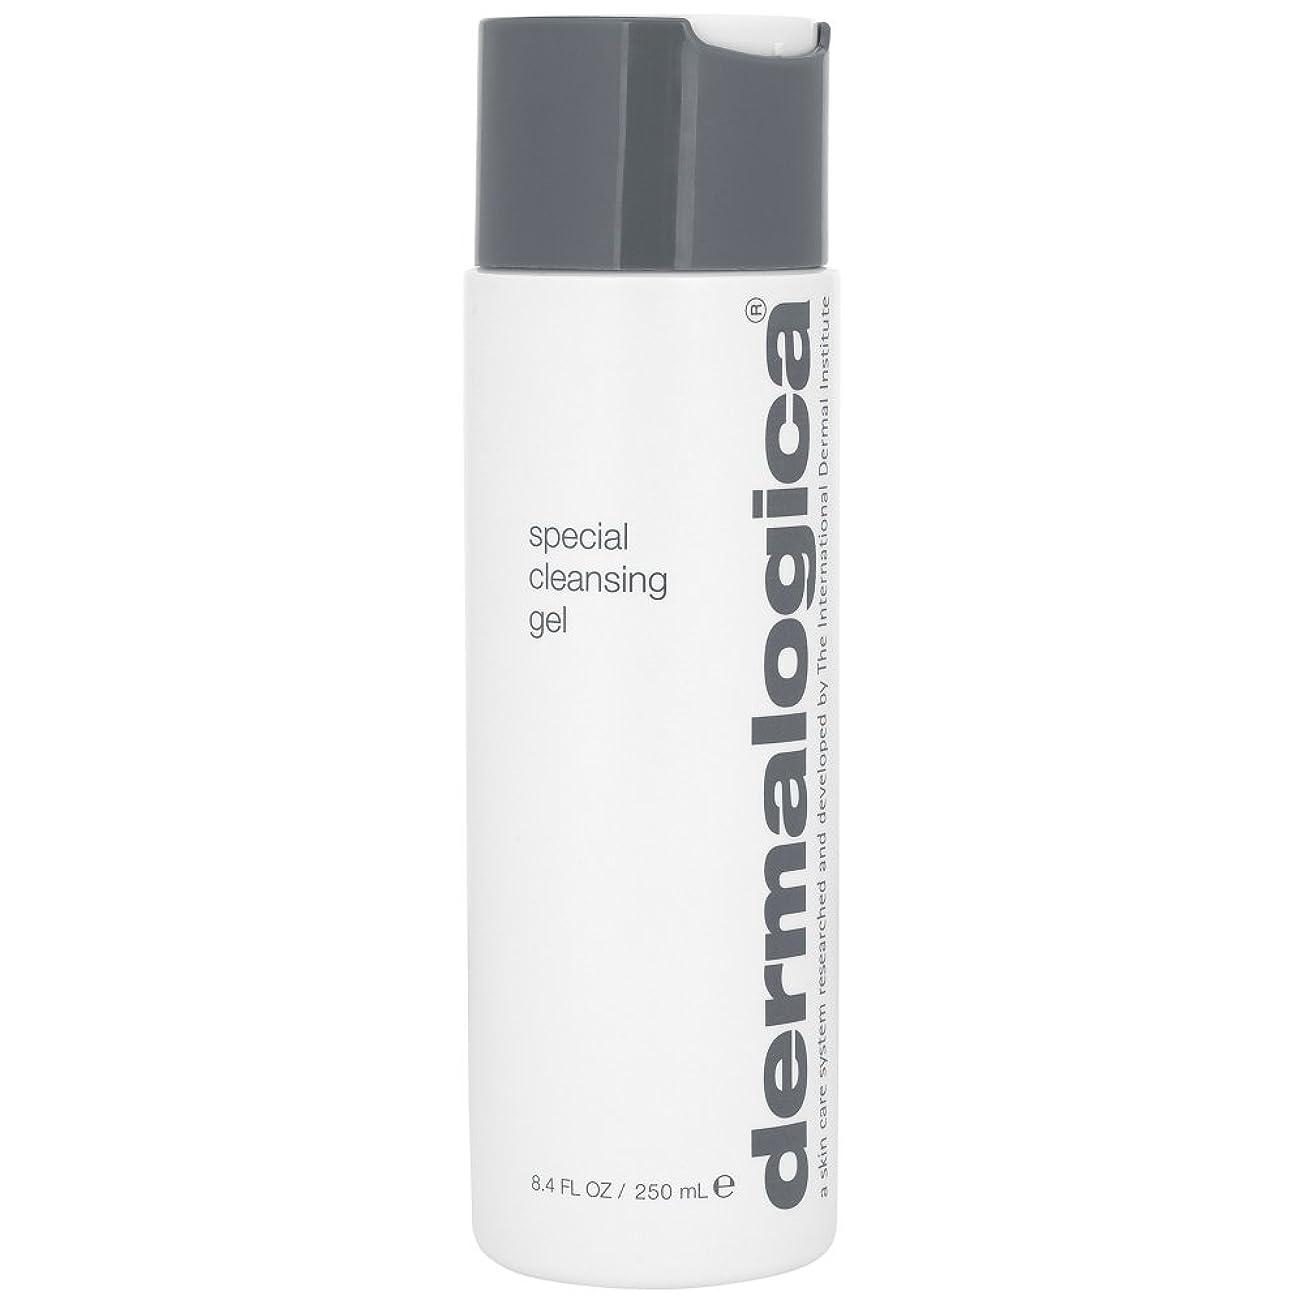 食い違い甘くする荒涼としたダーマロジカ特別なクレンジングゲル250ミリリットル (Dermalogica) (x6) - Dermalogica Special Cleansing Gel 250ml (Pack of 6) [並行輸入品]